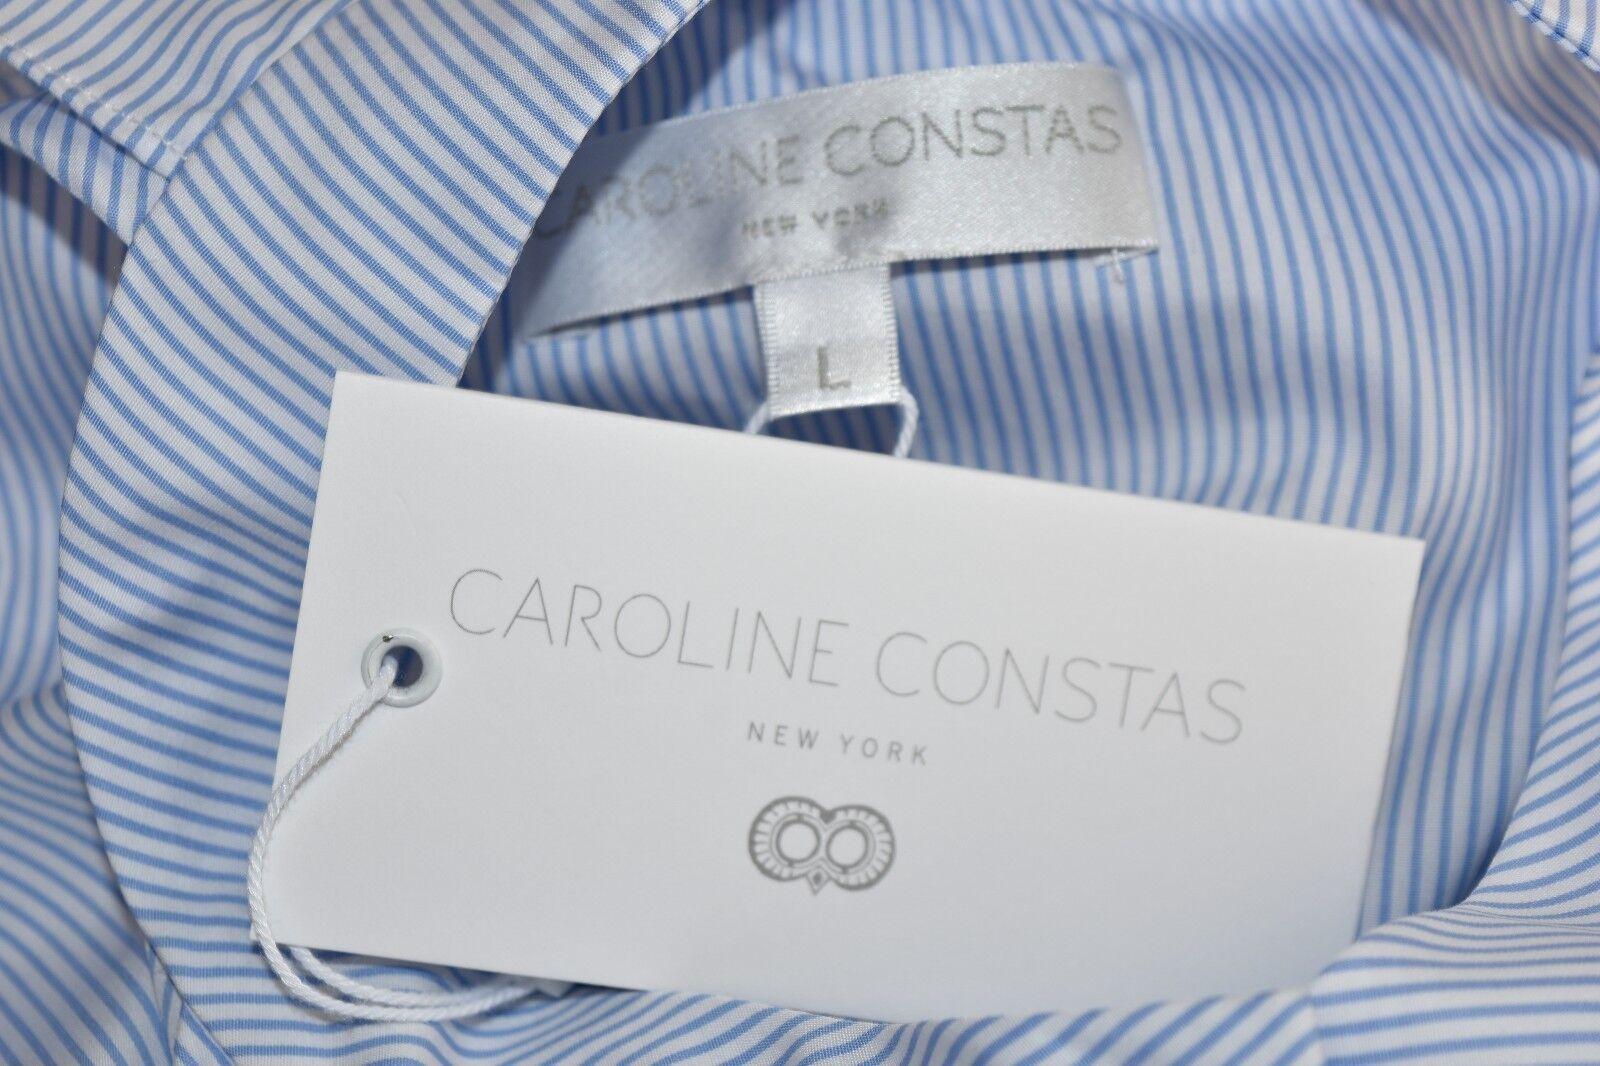 Nuovo Caroline Caroline Caroline Constas Adrie Popeline Maglia Righe Blu Bianco Maglia S L b464e4